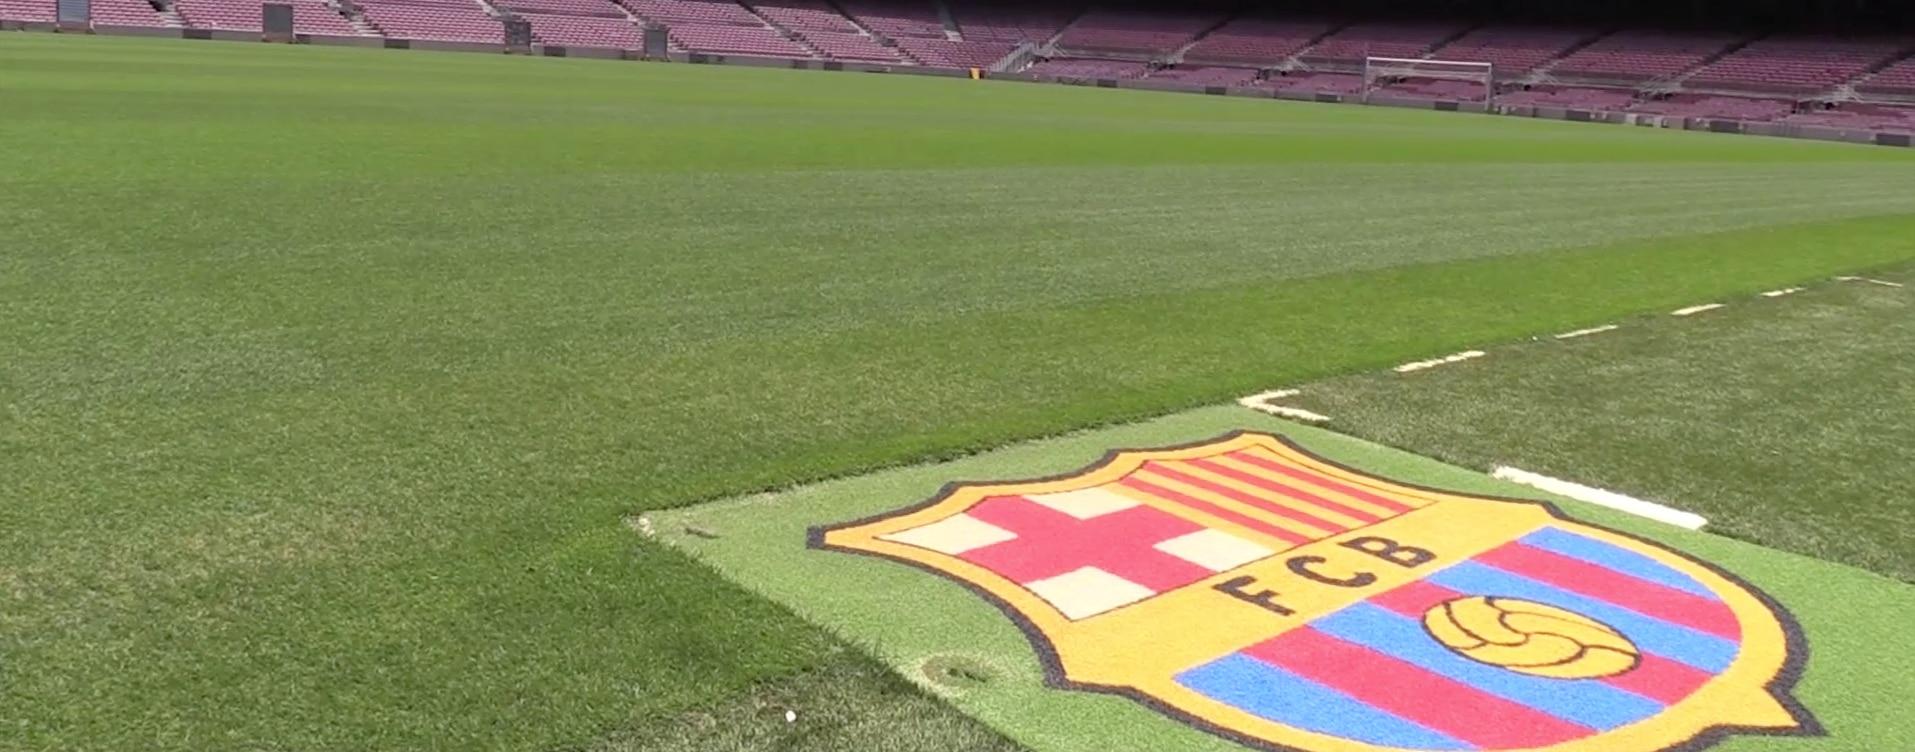 Césped del Camp Nou, estadio del FC Barcelona